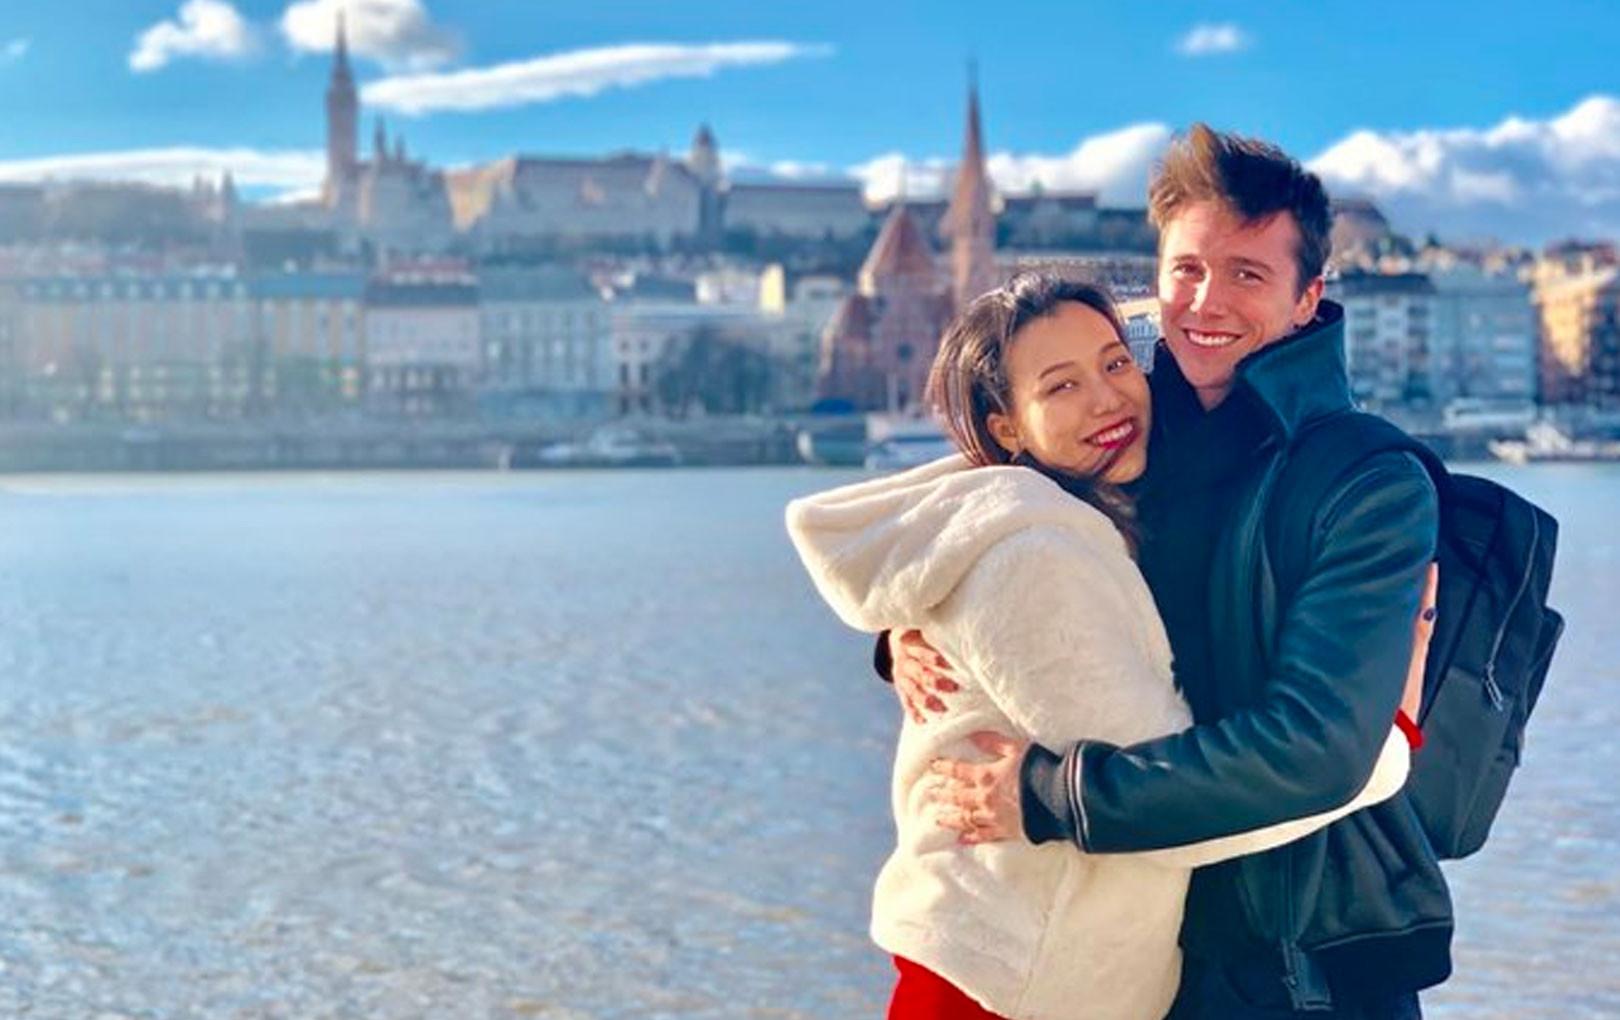 MC Hoàng Oanh hạnh phúc cùng chồng Tây du lịch châu Âu hưởng tuần trăng mật muộn